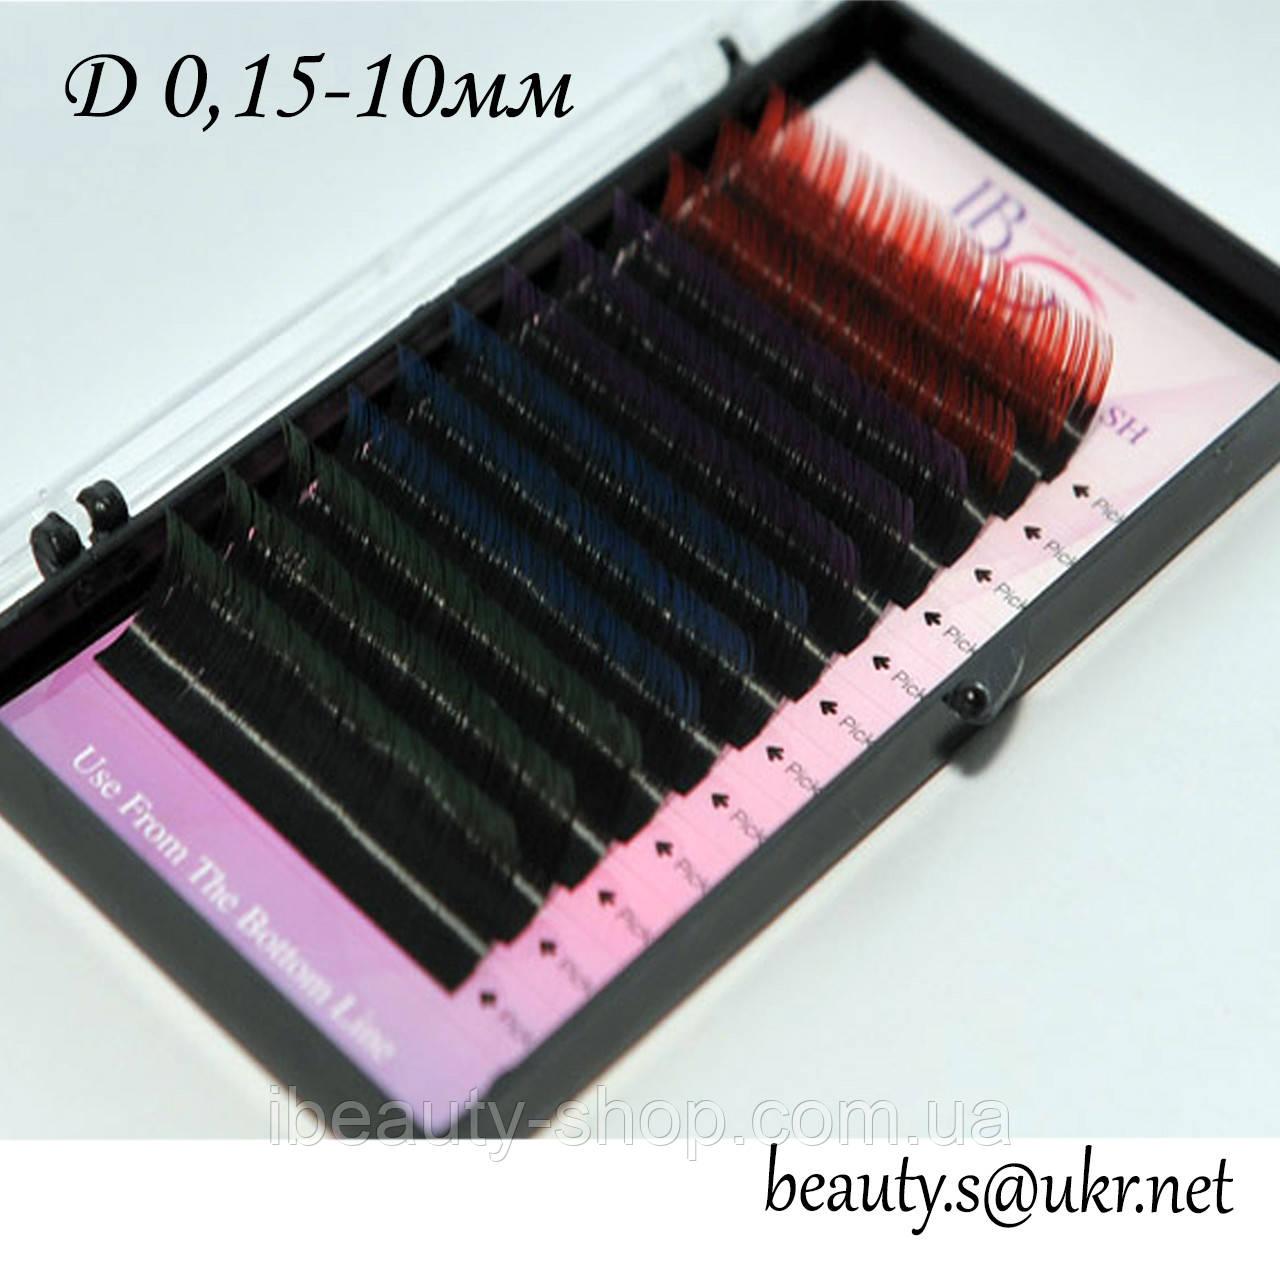 Ресницы I-Beauty, Д 0,15-10мм,цветные концы,4 цвета